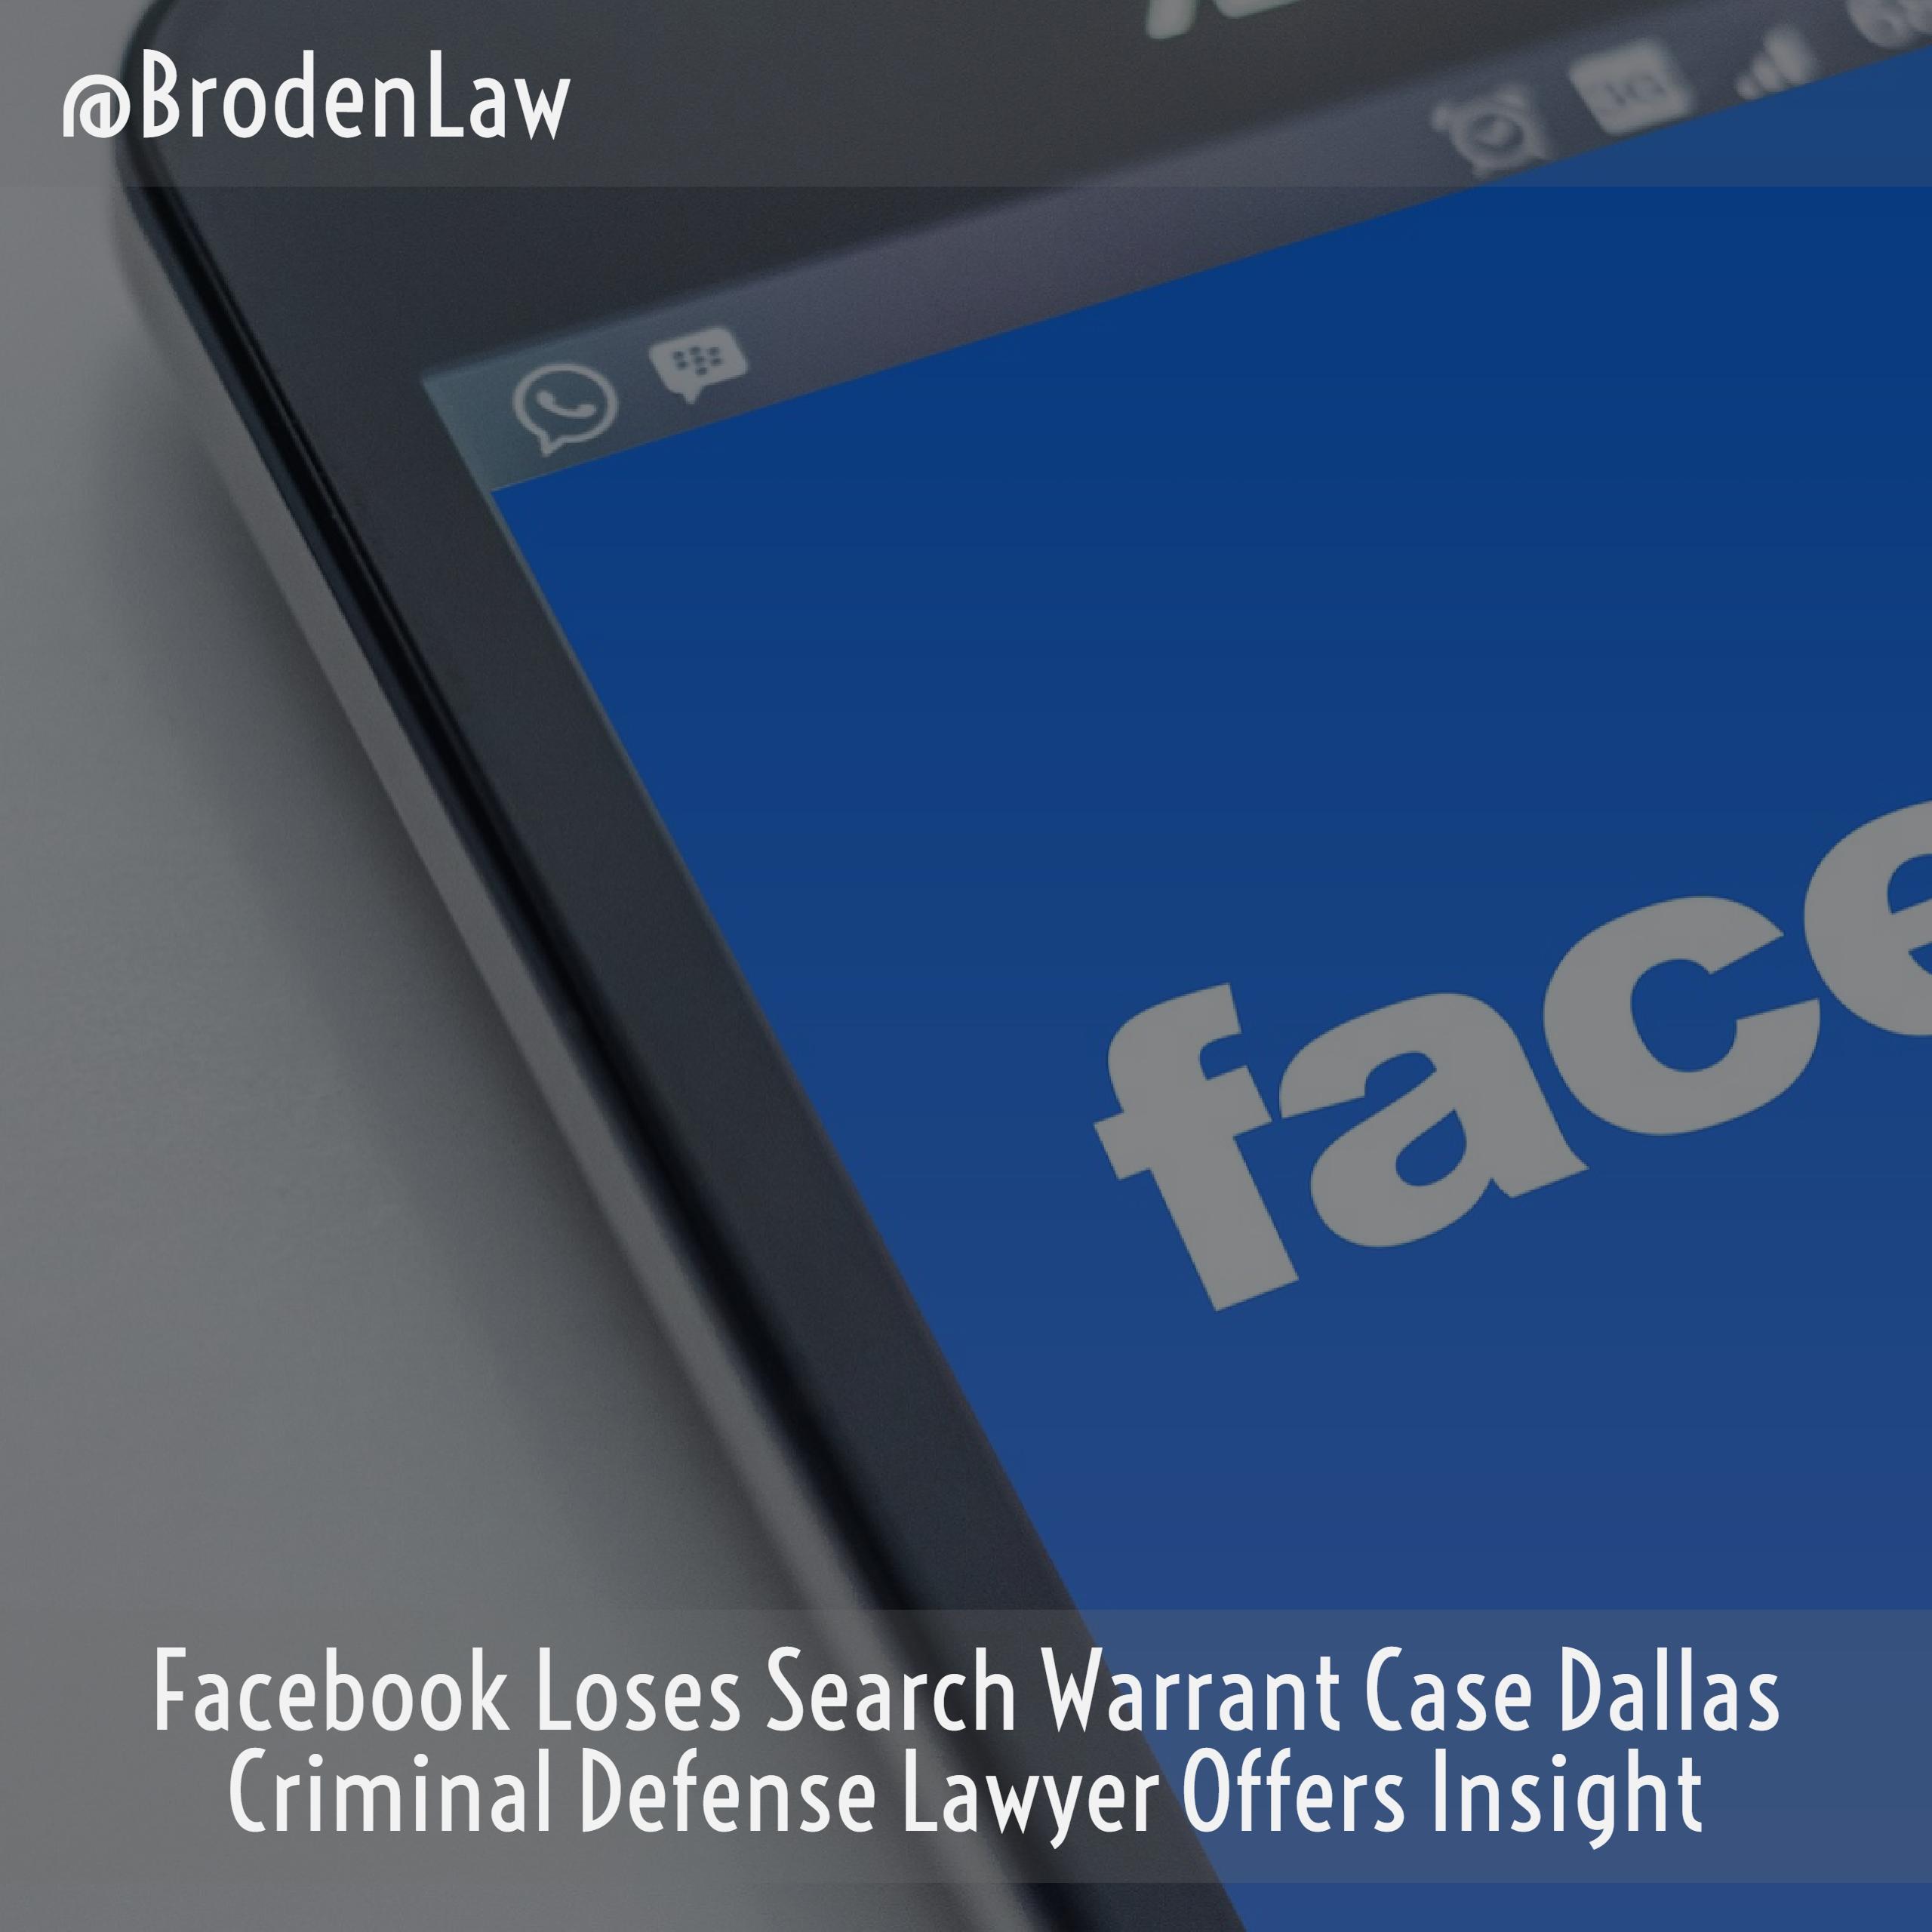 Facebook Loses Search Warrant Case Dallas Criminal Defense Lawyer